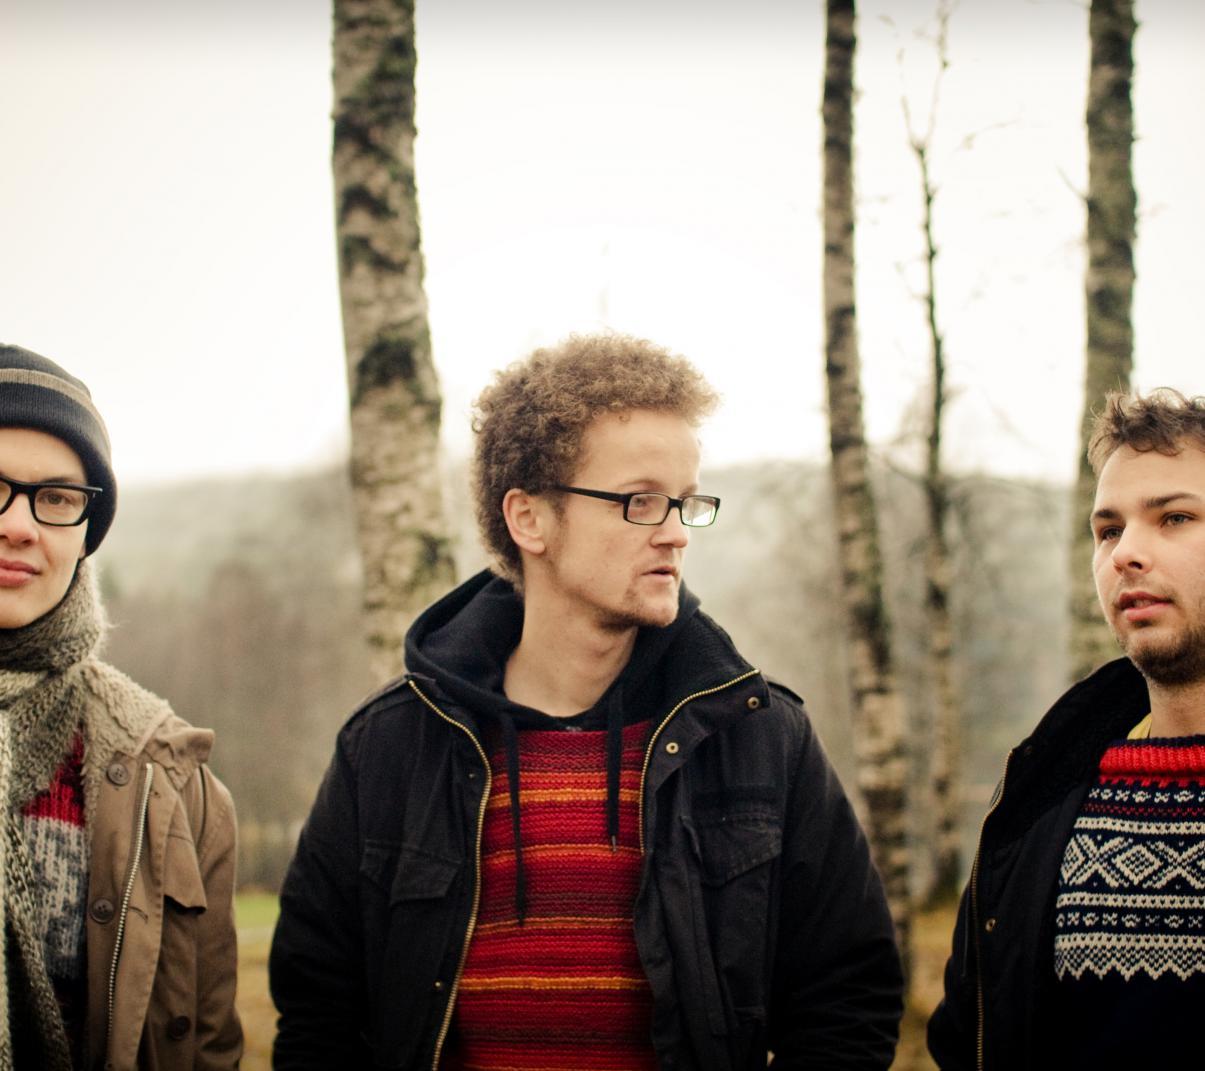 Vojtěch Procházka, Adrian Fiskum Myhr, Tore T. Sandbakken (foto Andreas Ulvo)